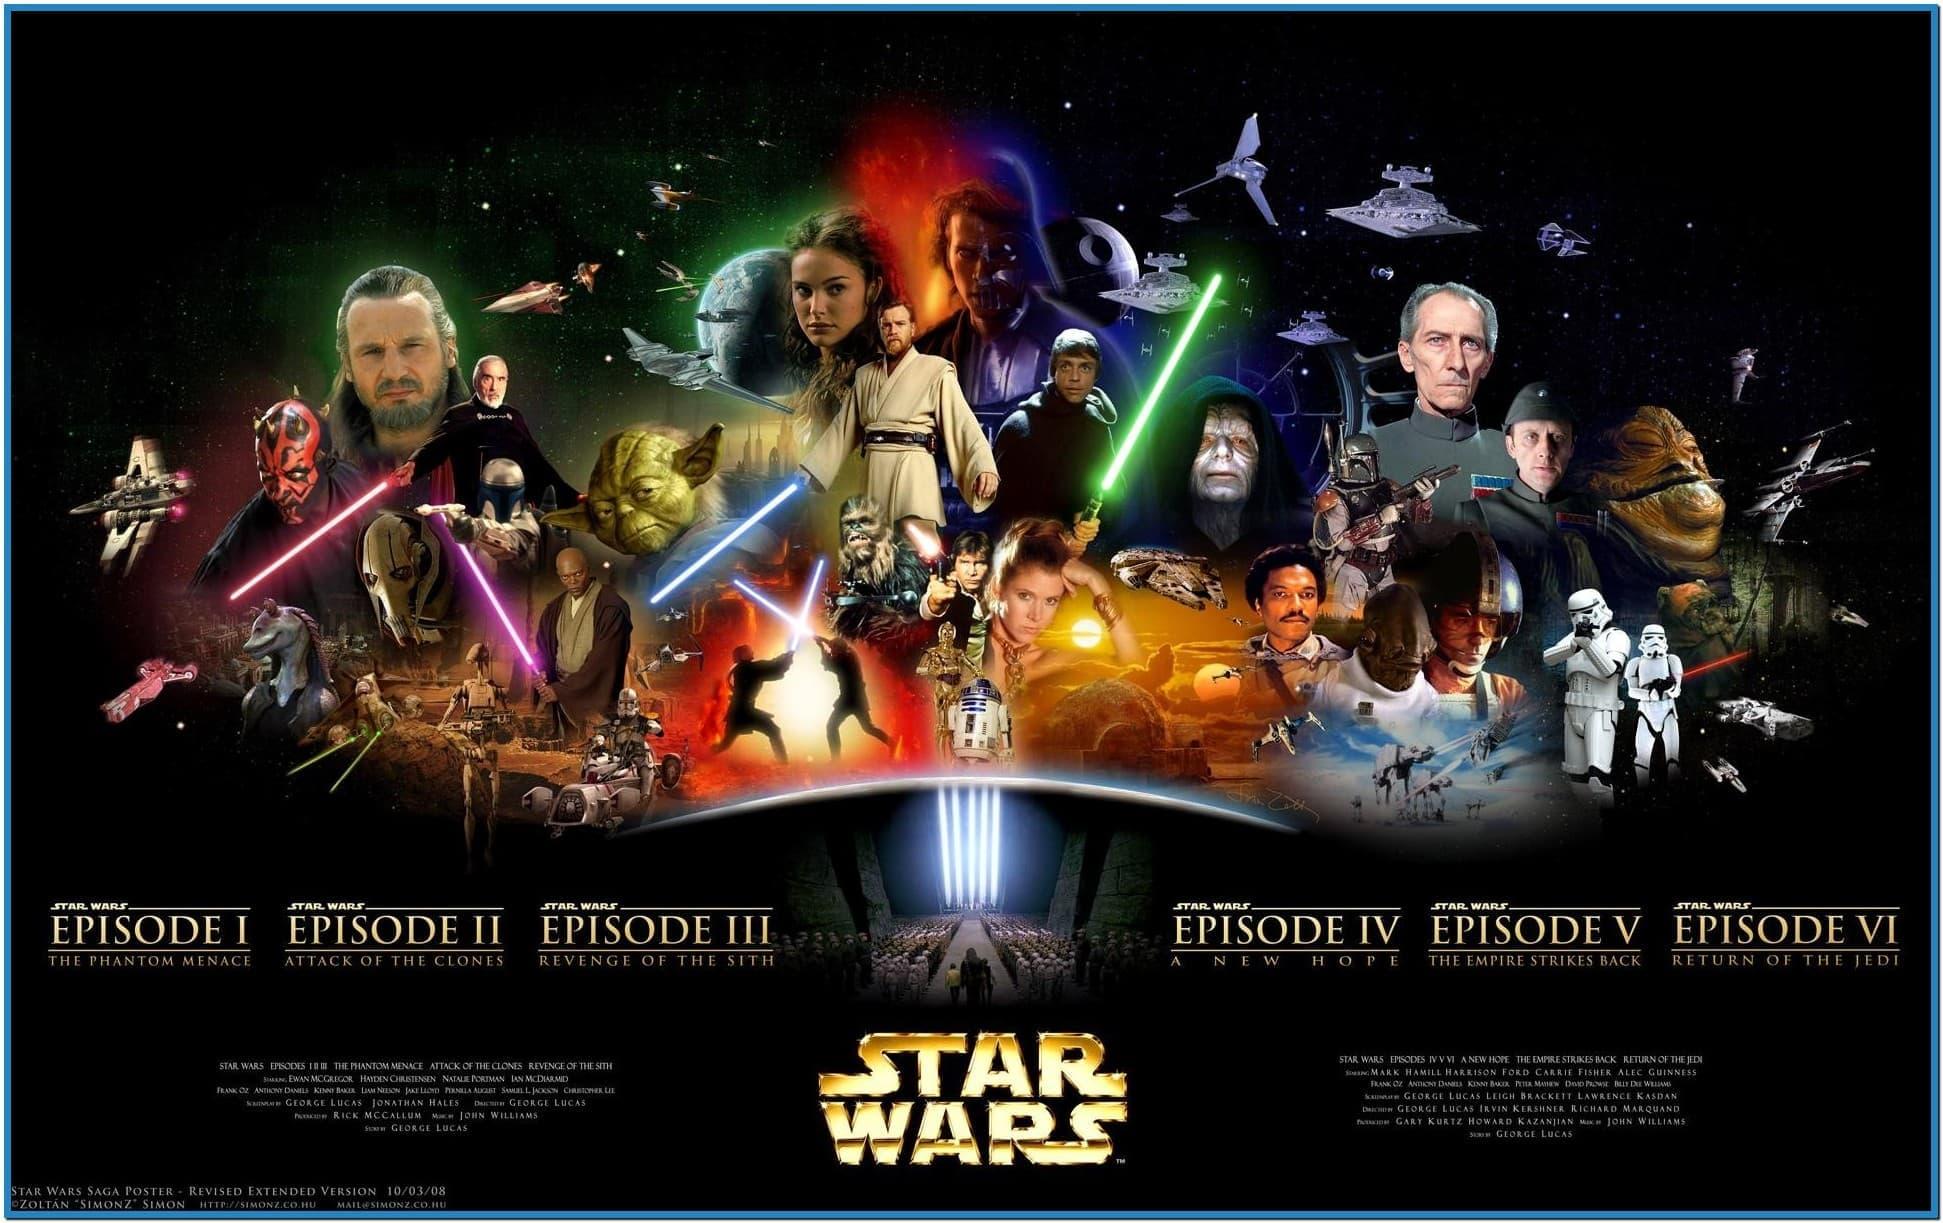 Star wars screensaver 3d windows 7   Download 1943x1223